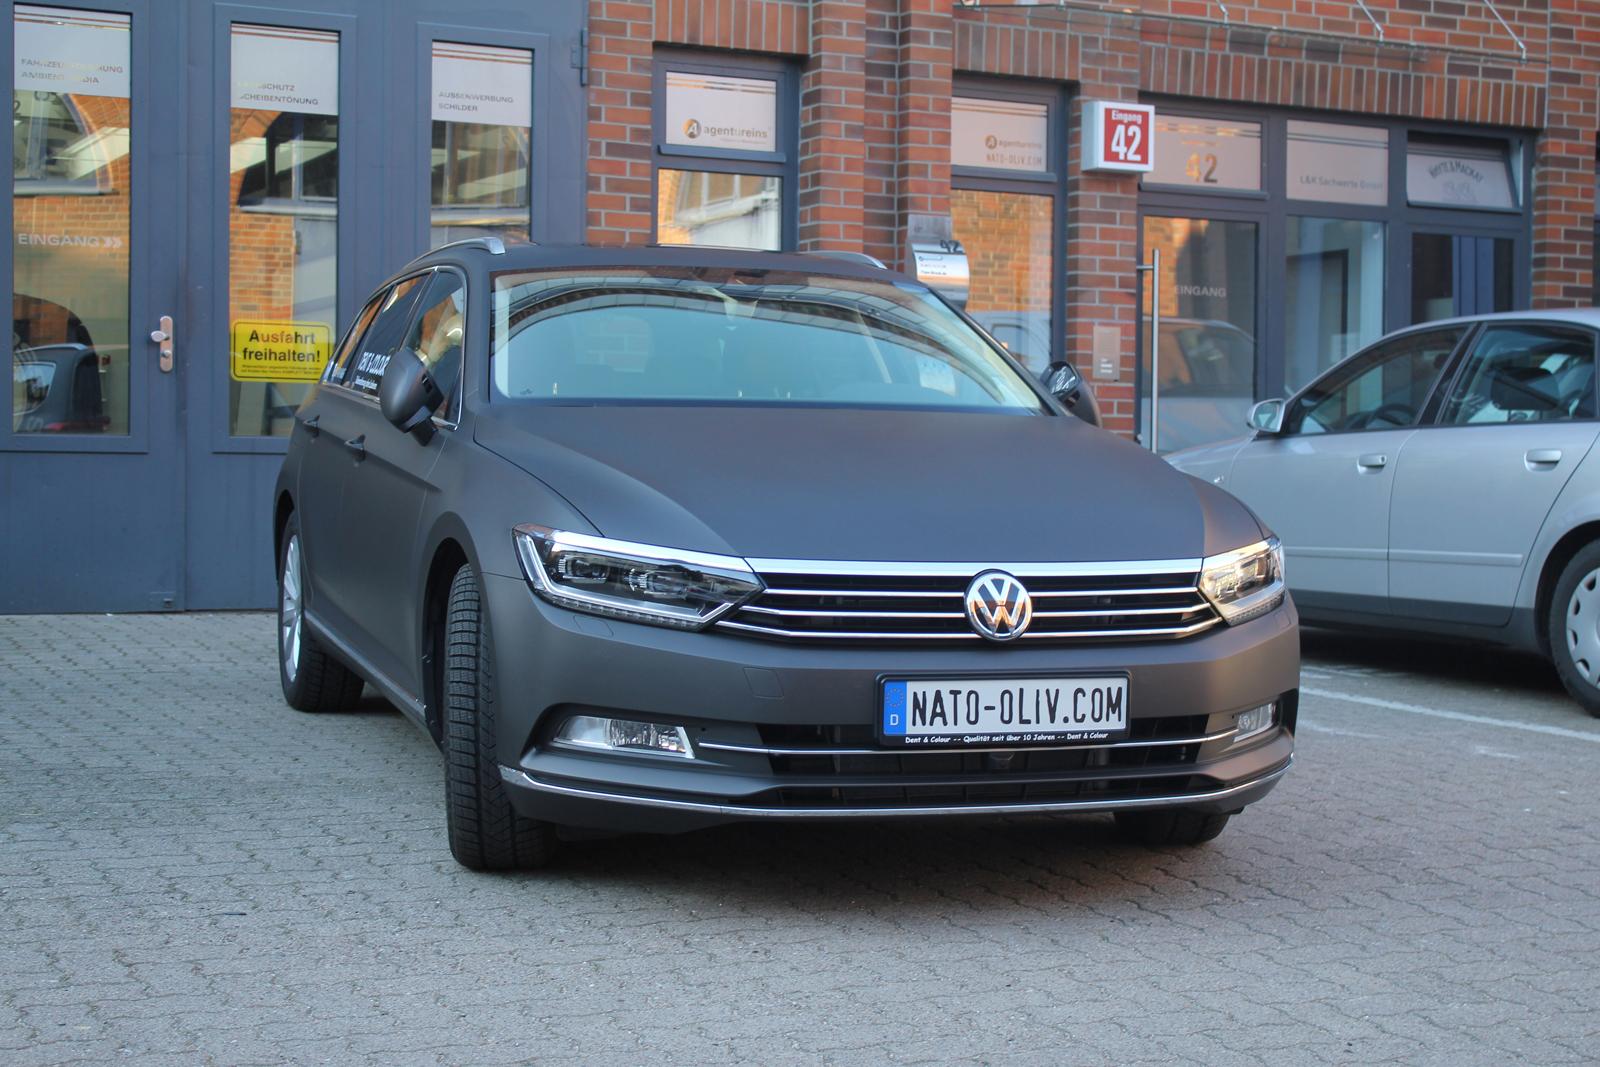 VW_PASSAT_FOLIERUNG_SCHWARZ-BRAUN_MATT_METALLIC_02